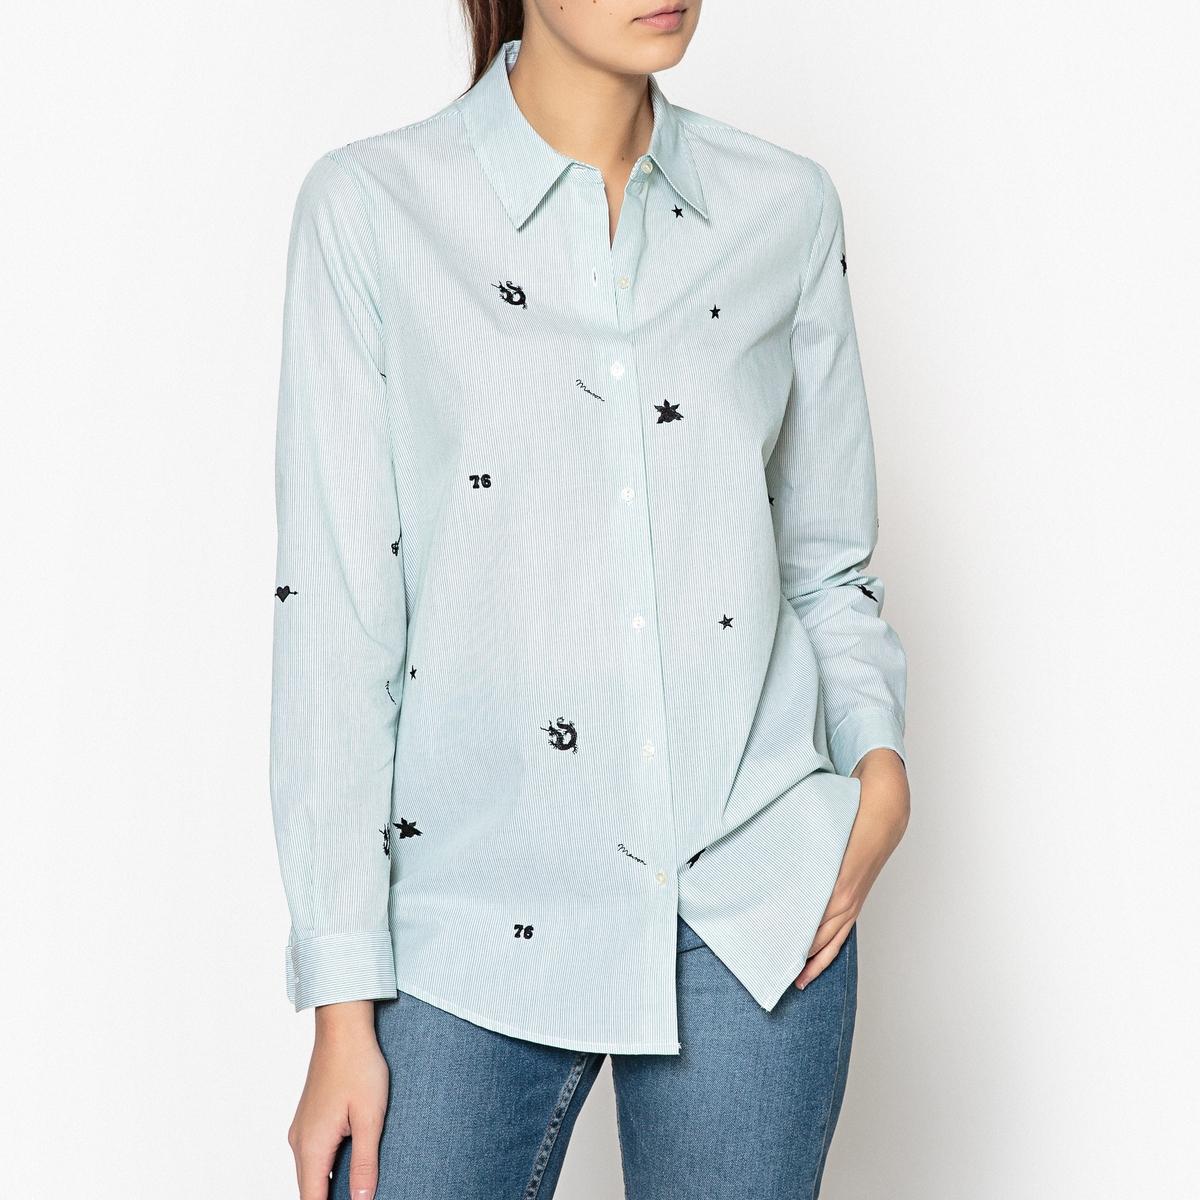 Рубашка с вышивкойОписание:Рубашка с длинными рукавами  MAISON SCOTCH и оригинальной вышивкой. Закругленный спереди и сзади низ.Детали •  Длинные рукава •  Прямой покрой •  Воротник-поло, рубашечныйСостав и уход •  100% хлопок •  Следуйте советам по уходу, указанным на этикетке •  Вставка с пуговицами спереди и манжеты на пуговицах<br><br>Цвет: зеленый,синий